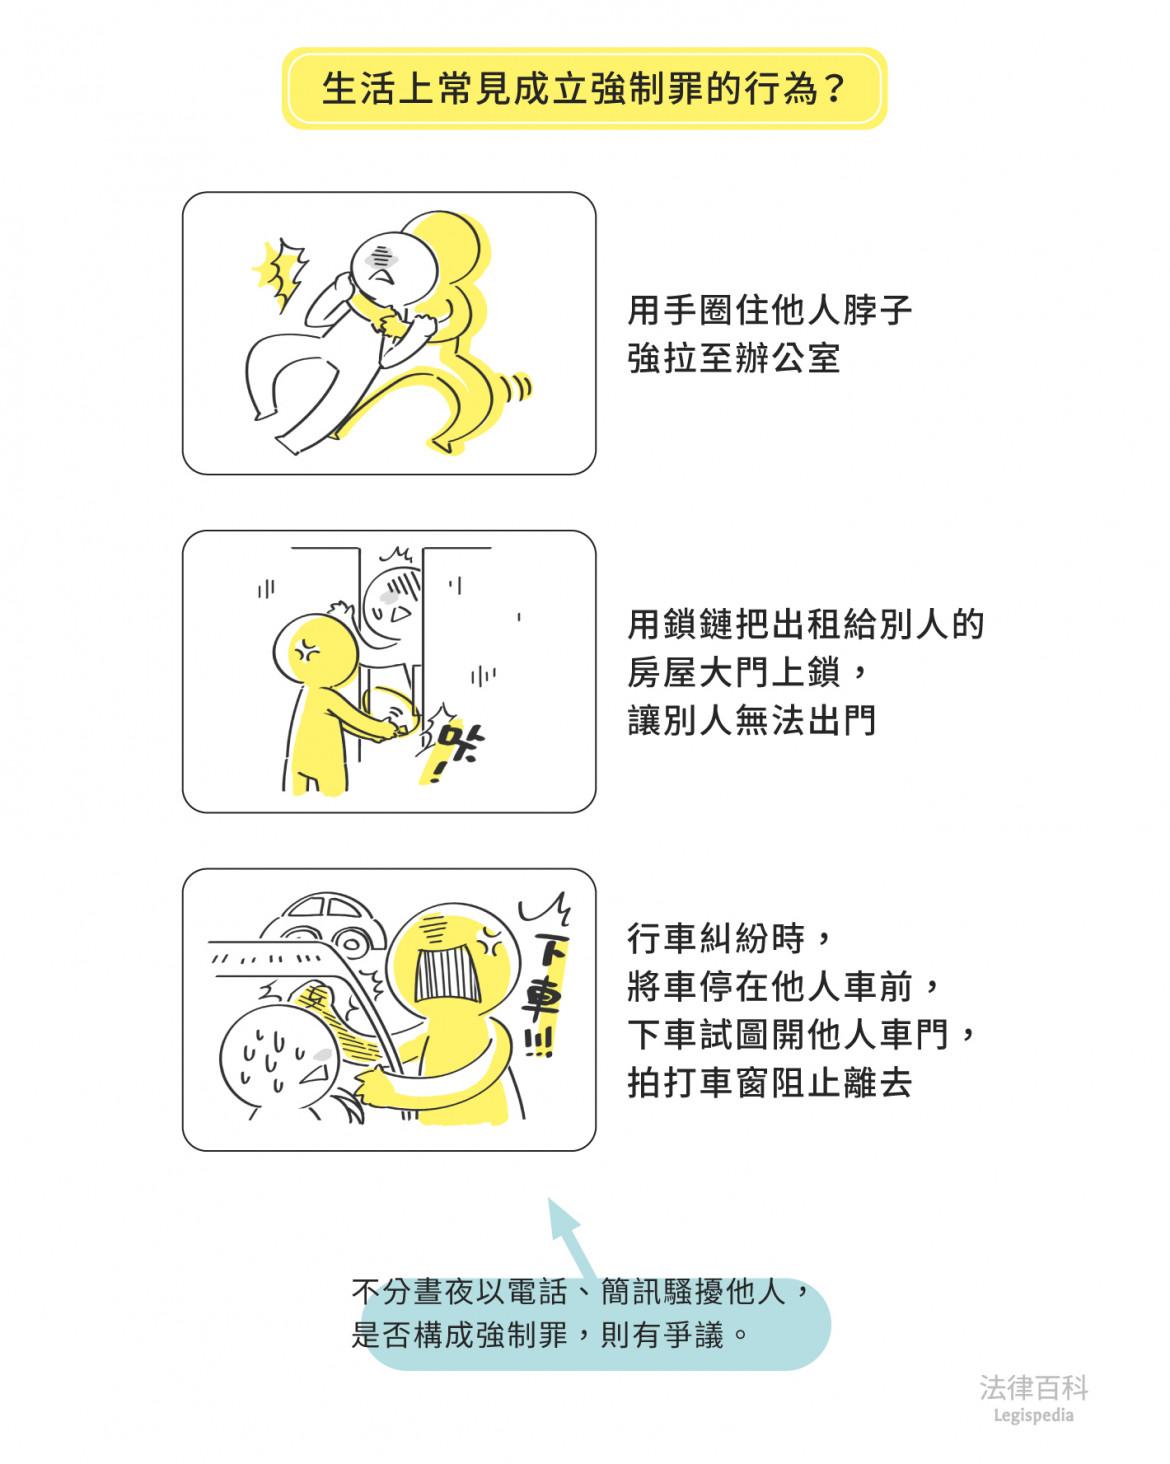 圖1 生活上常見成立強制罪的行為?||資料來源:雷皓明、張學昌 / 繪圖:Yen